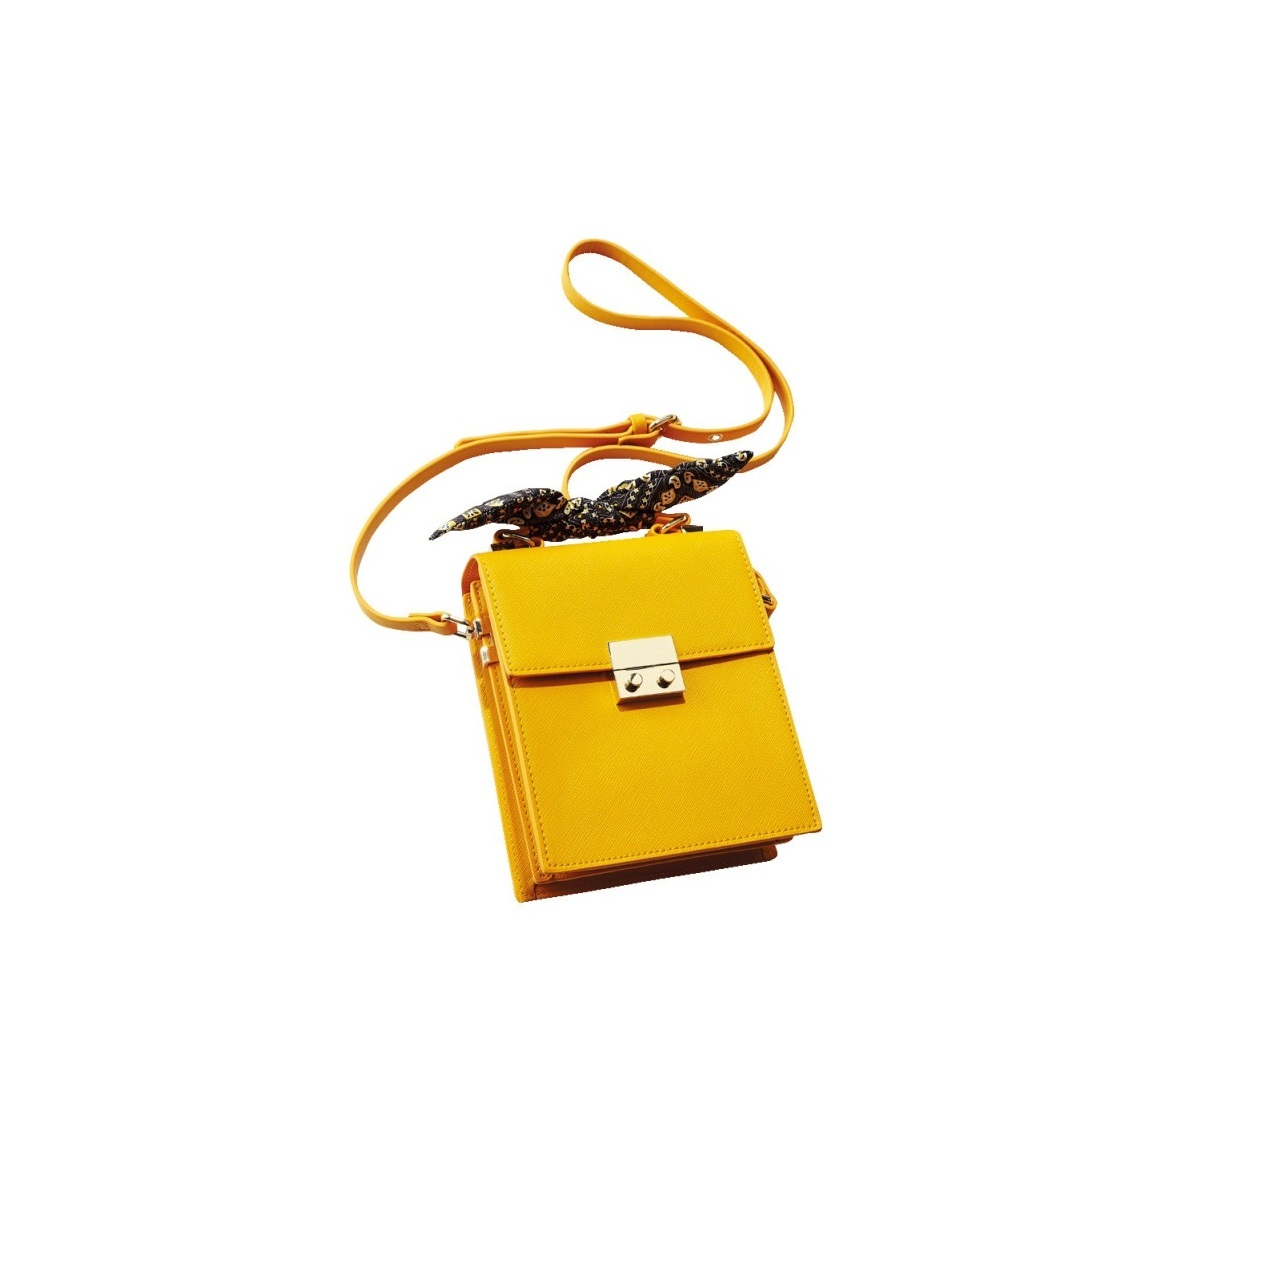 アラフォーが納得して着られるコスパブランド、ZARAのきれい色小物_1_1